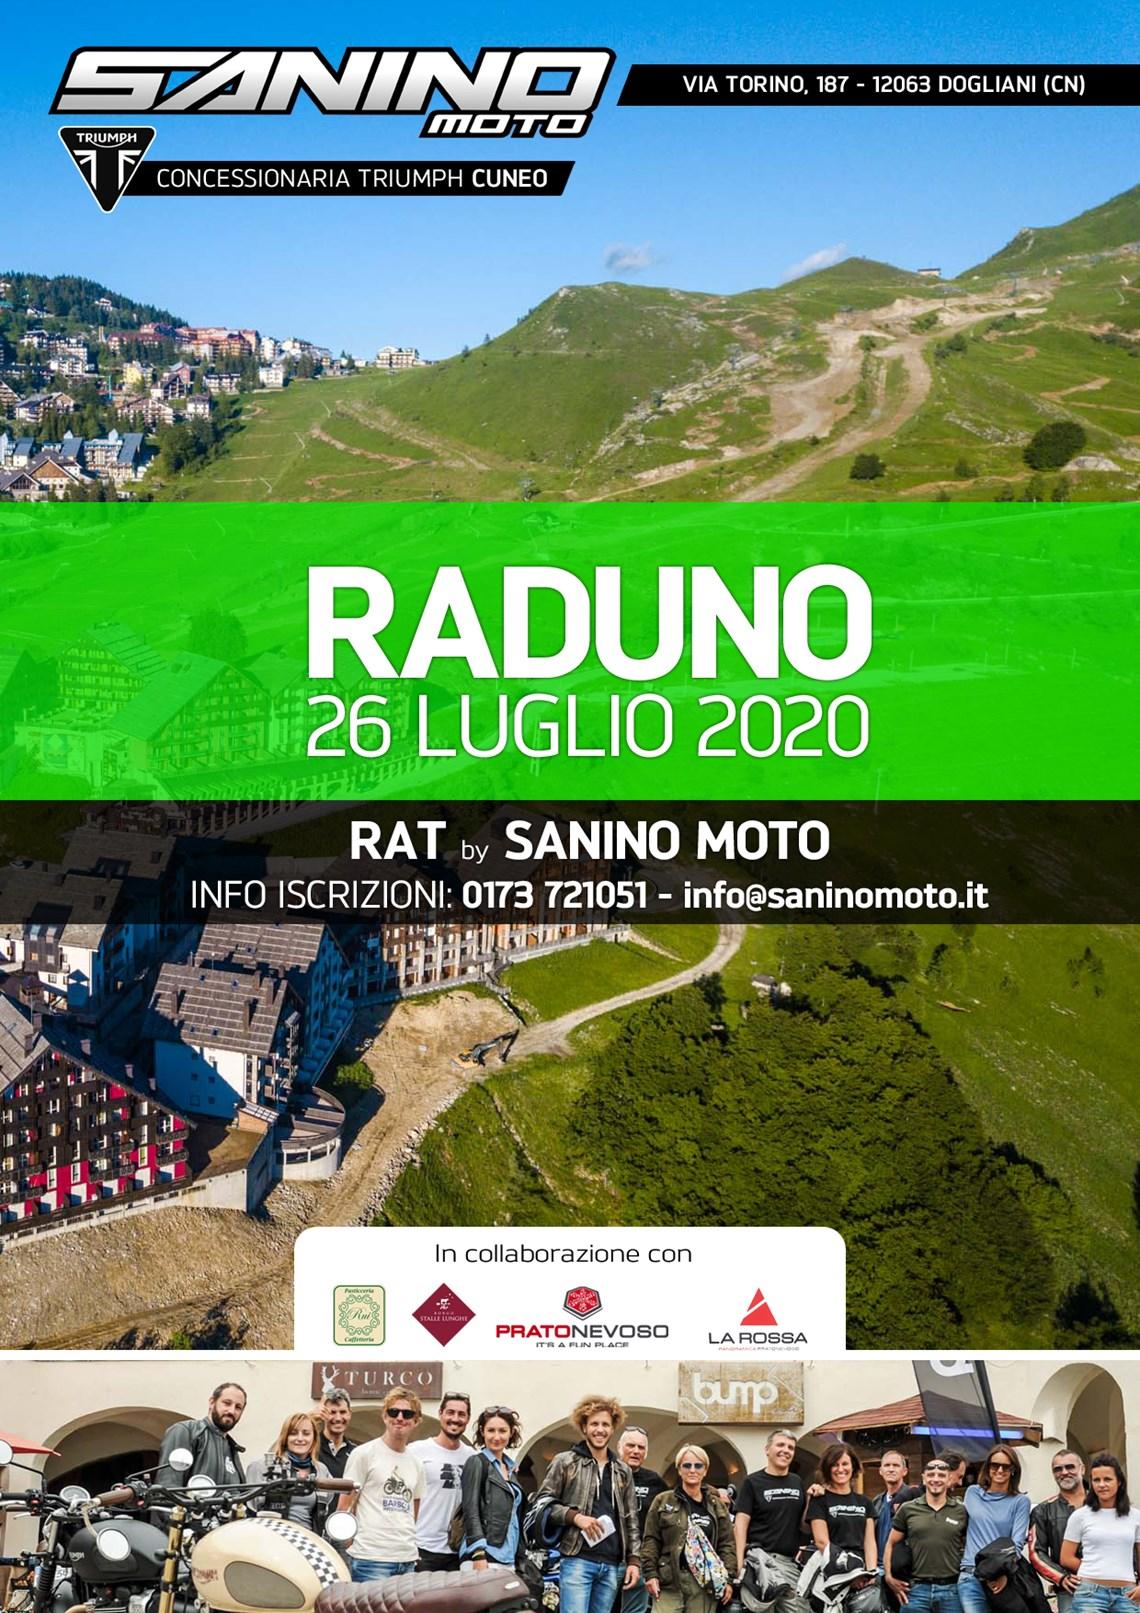 Raduno Prato Nevoso 2020